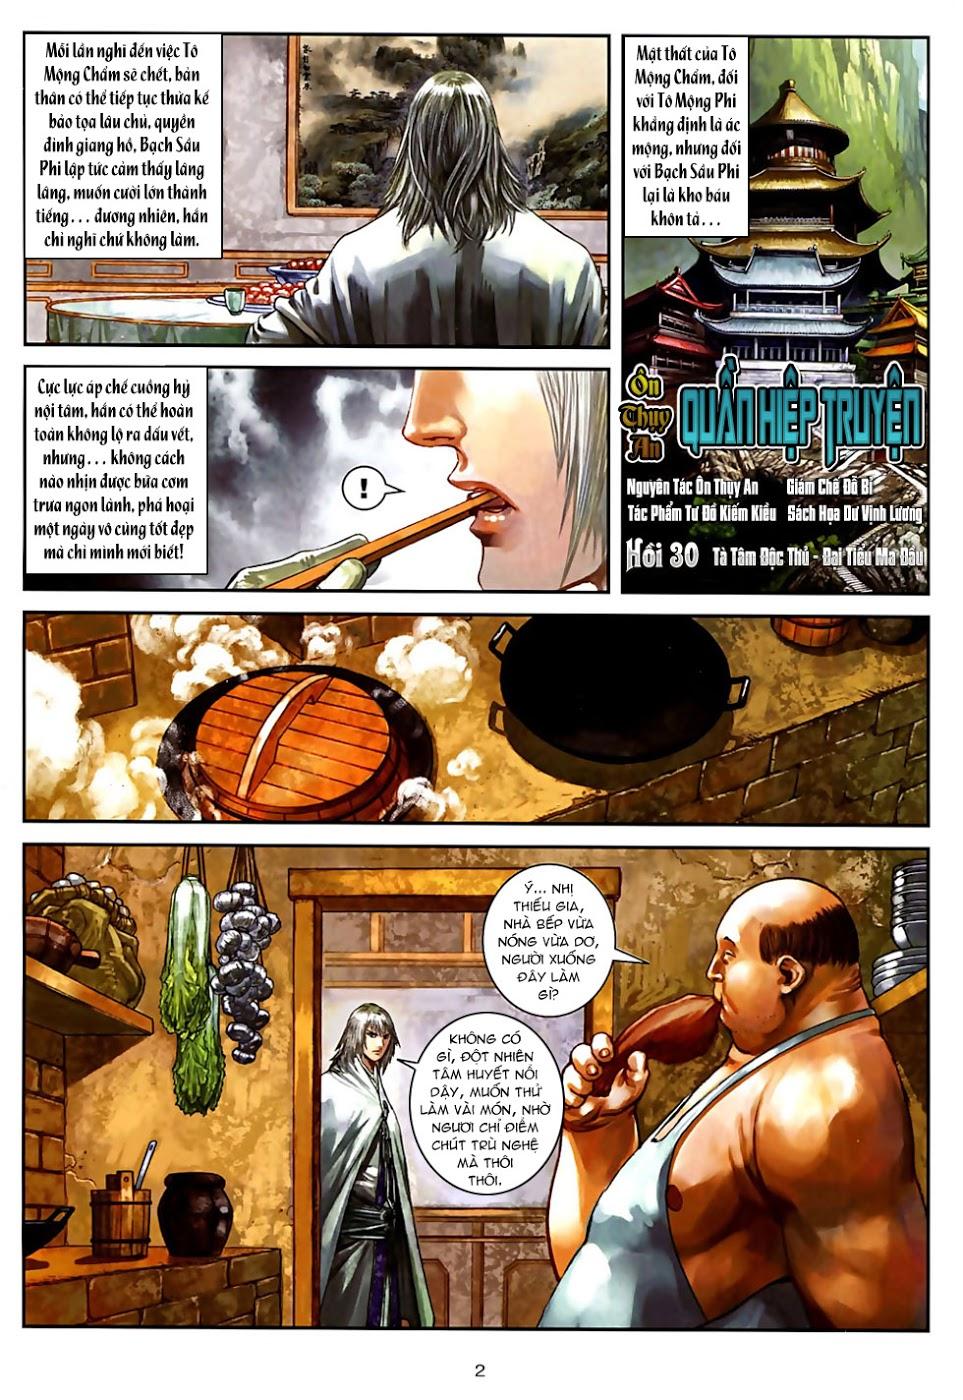 Ôn Thuỵ An Quần Hiệp Truyện Phần 2 chapter 30 trang 3